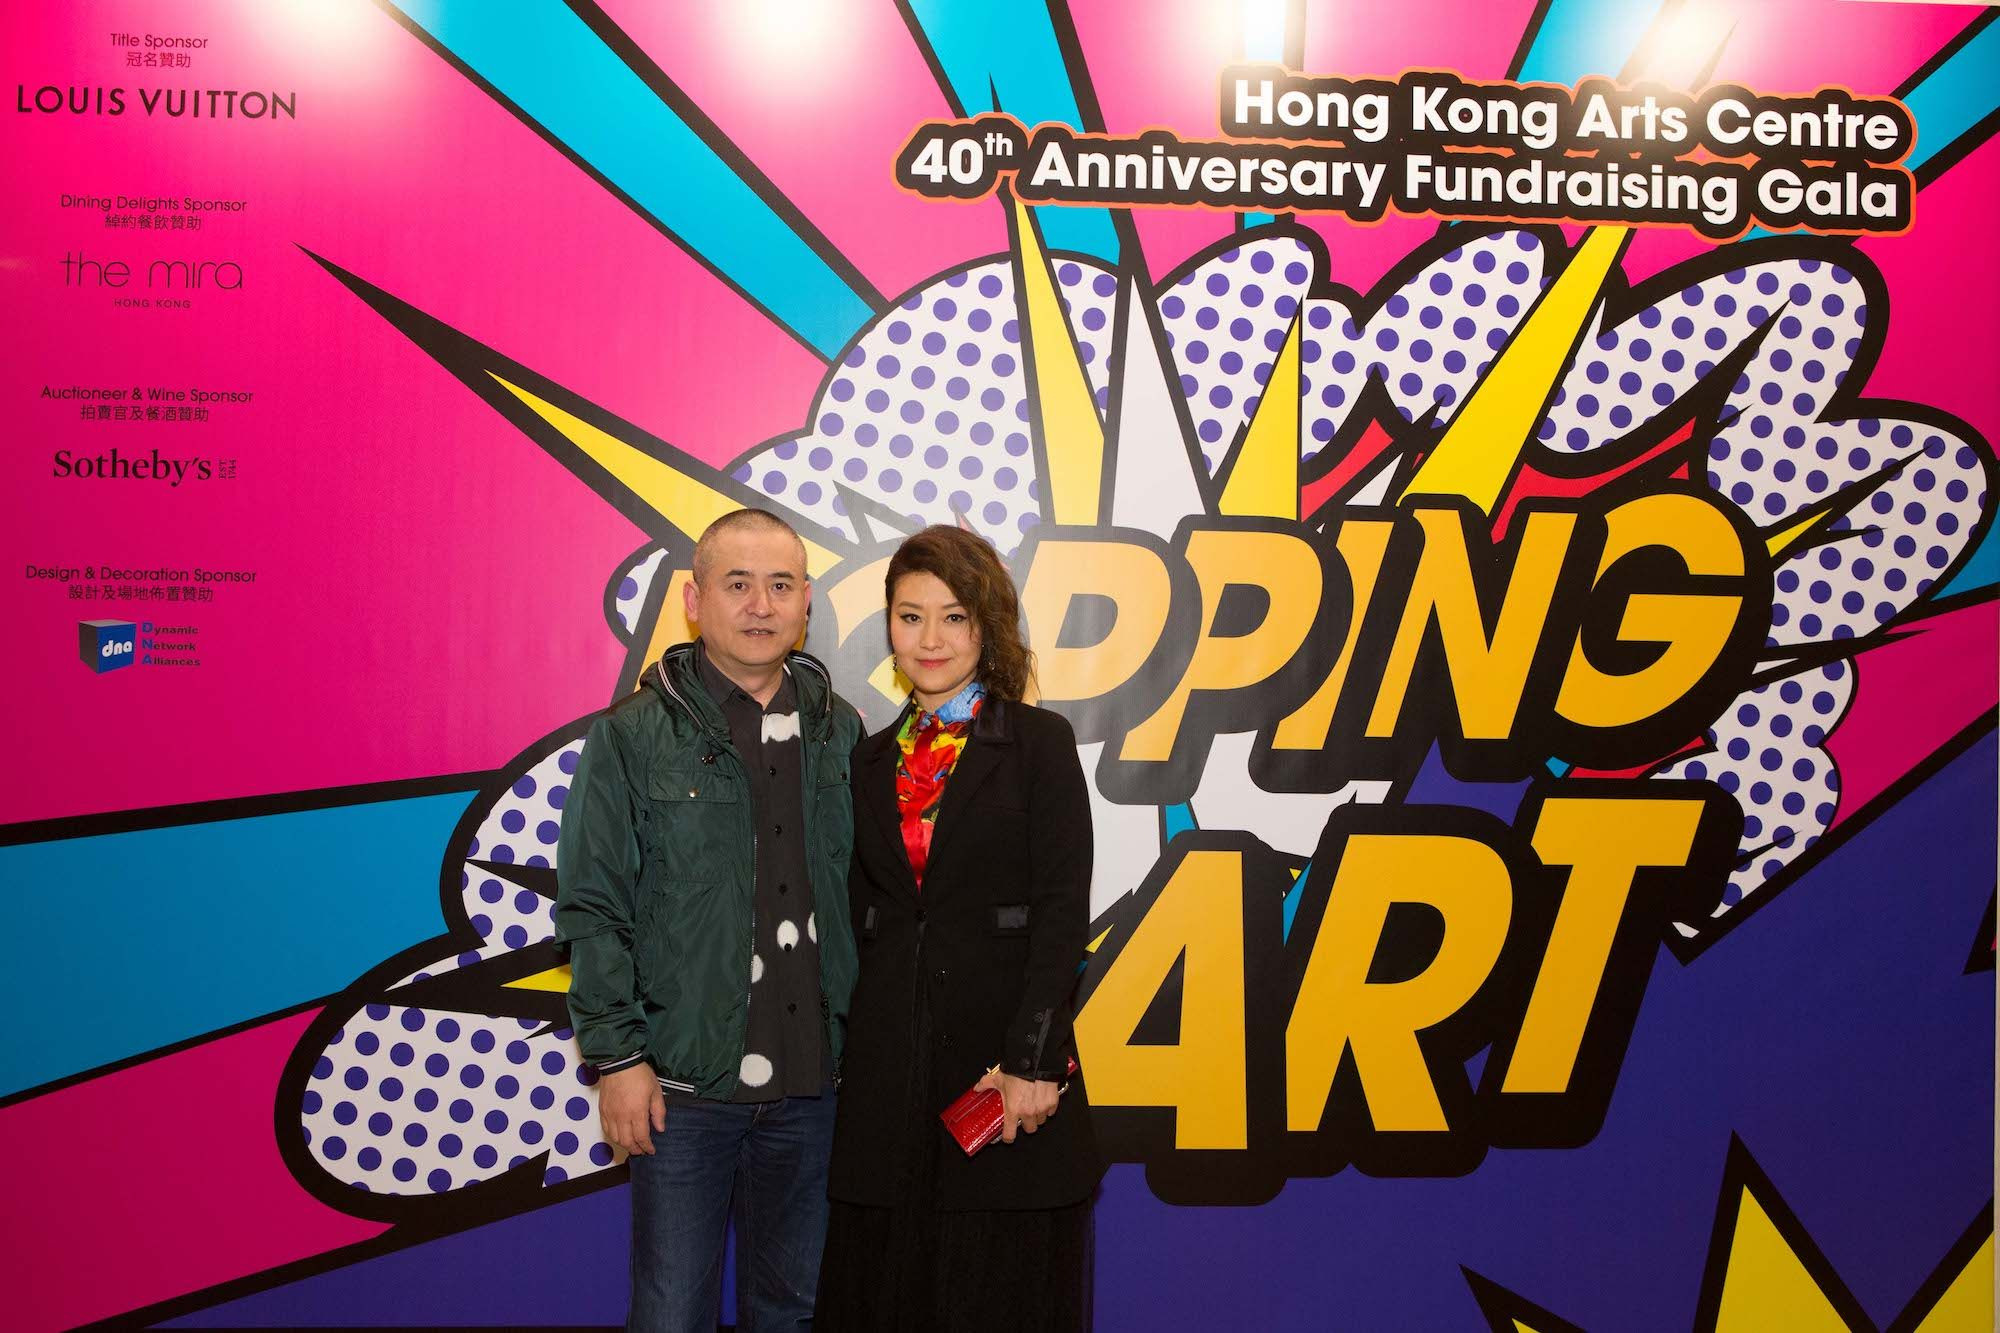 Zeng Fanzhi, Cecilia Cheung